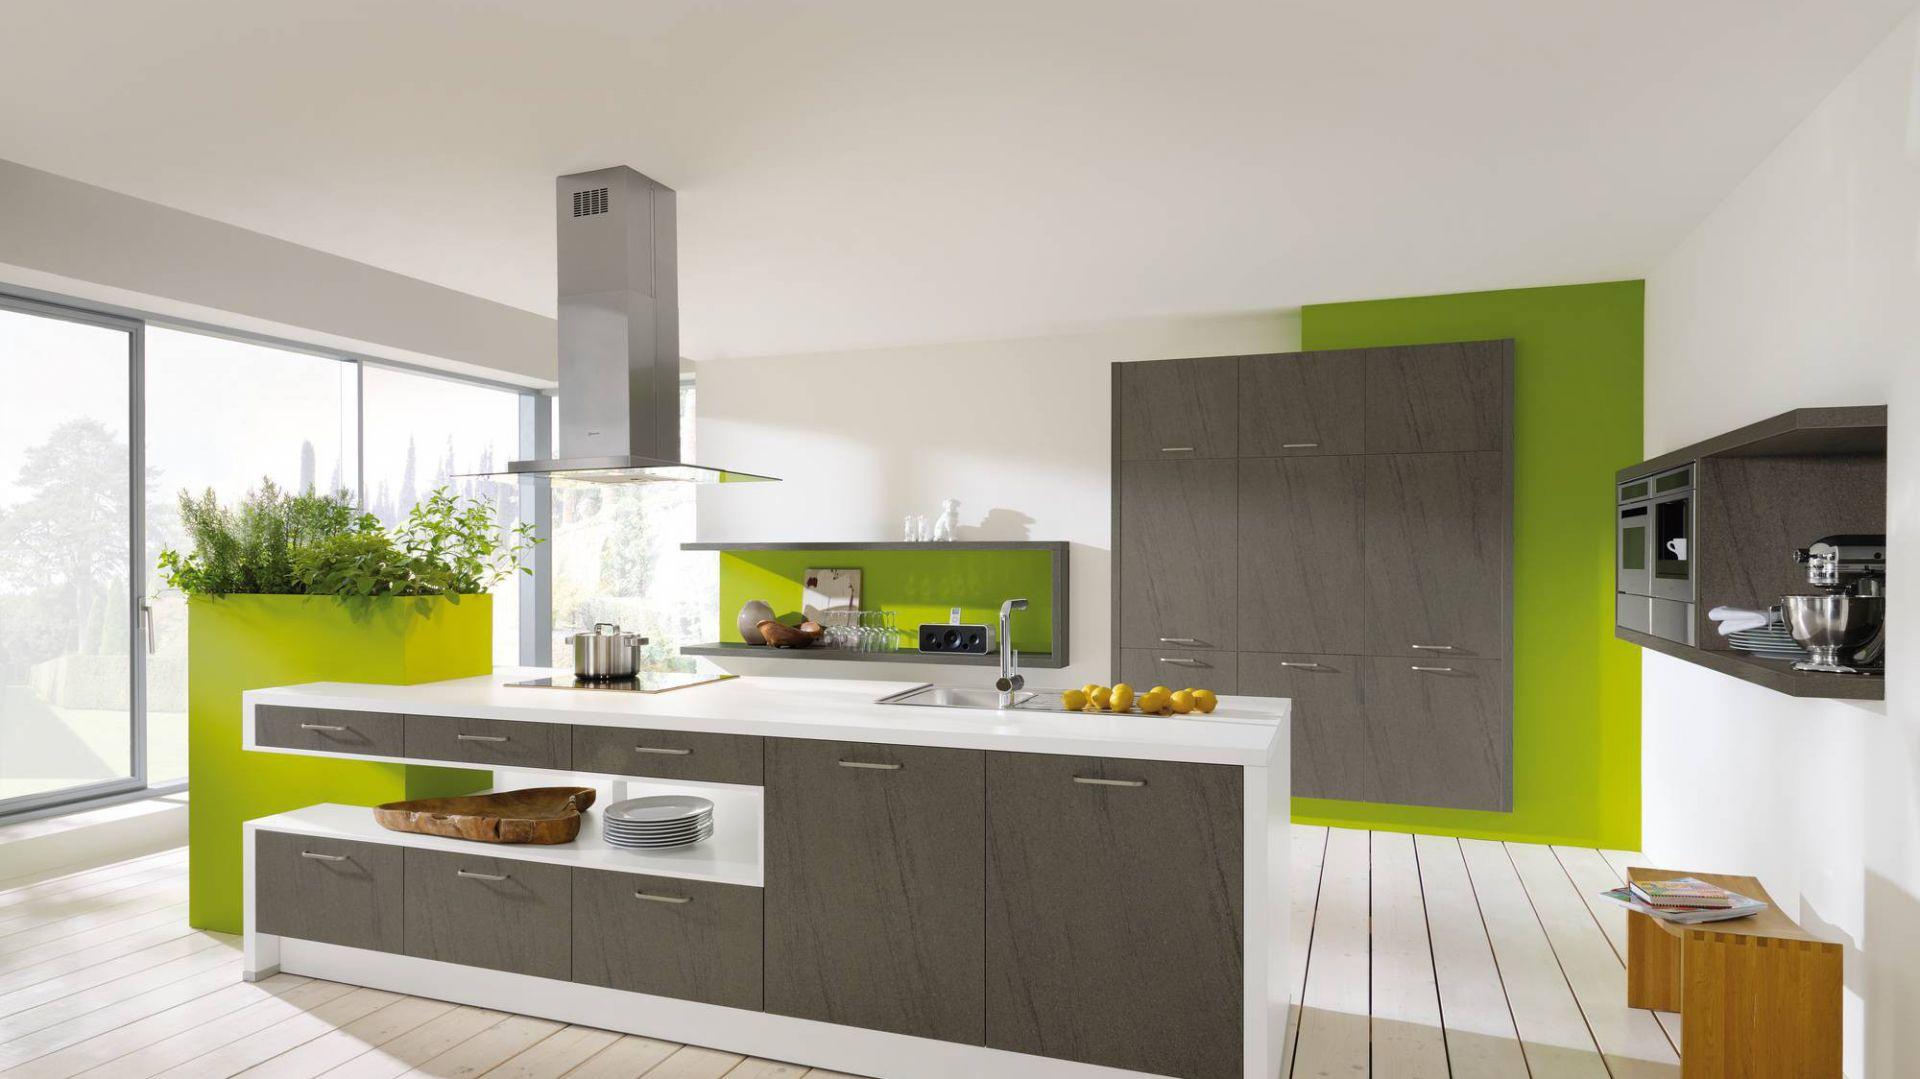 meble kuchenne z programu 15 pomys�243w na zielon�